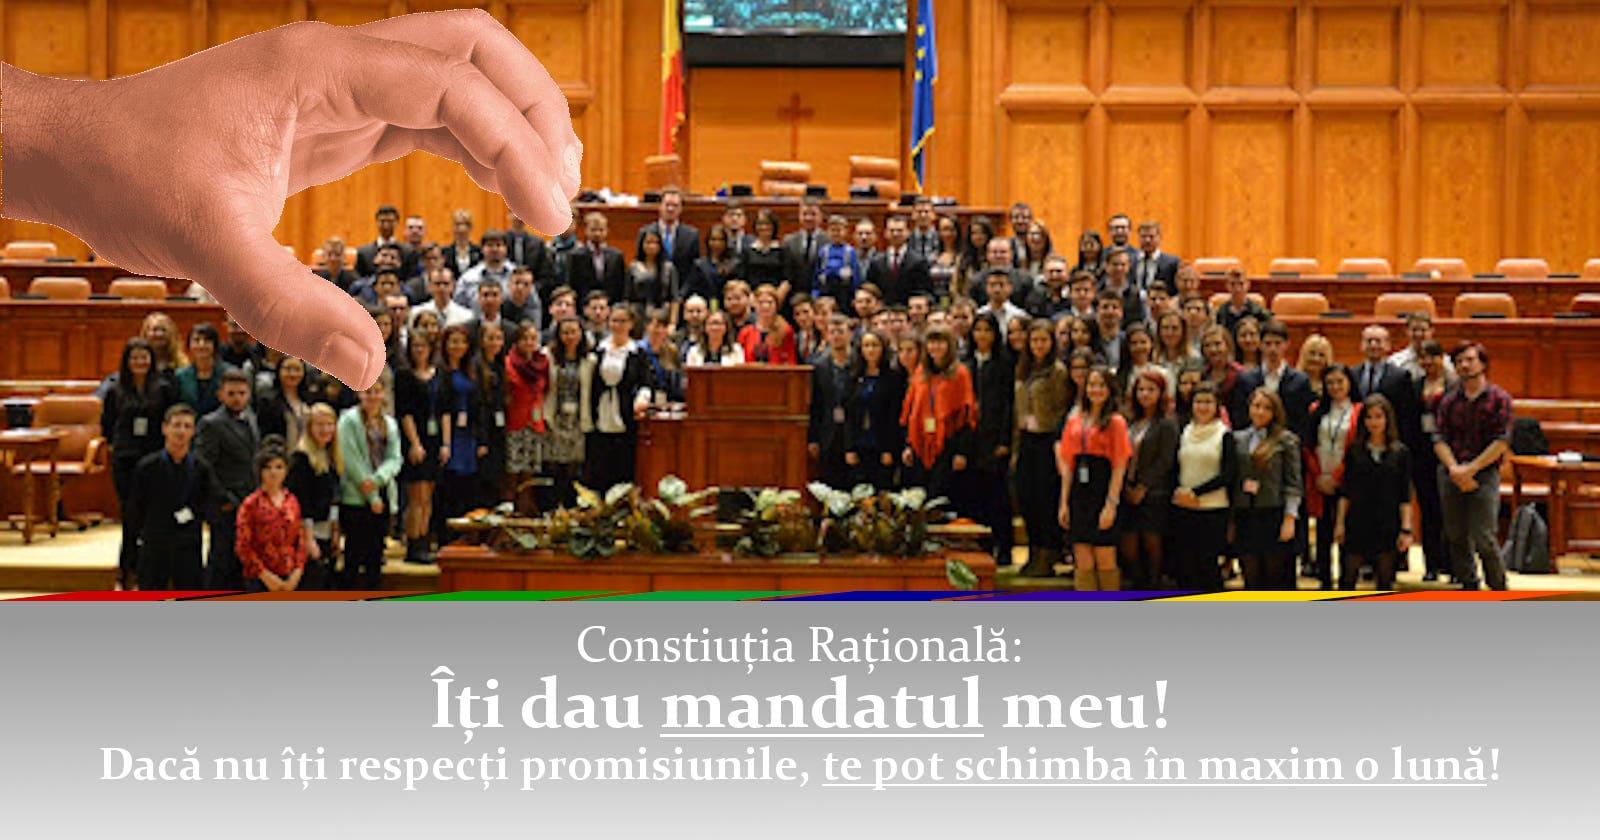 https://ziarul.romania-rationala.ro/control/articole/articole/imi-asum-raspunderea-vrajeala-de-parlamentar-in-romania.jpg